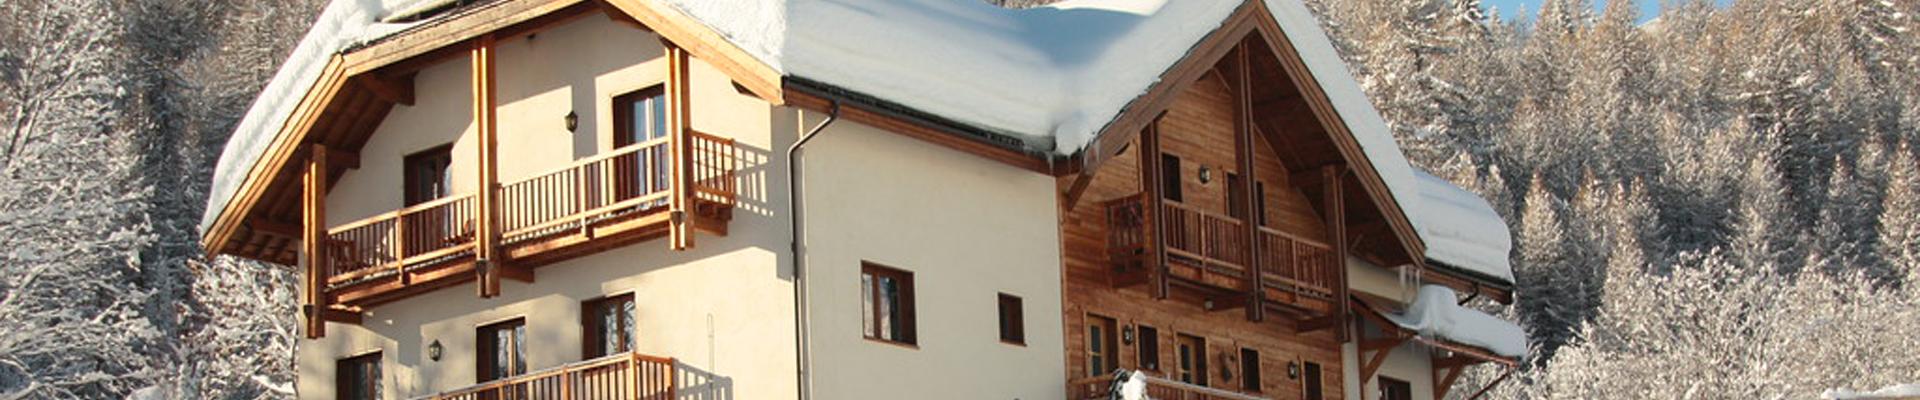 chalet-alpelune-winter